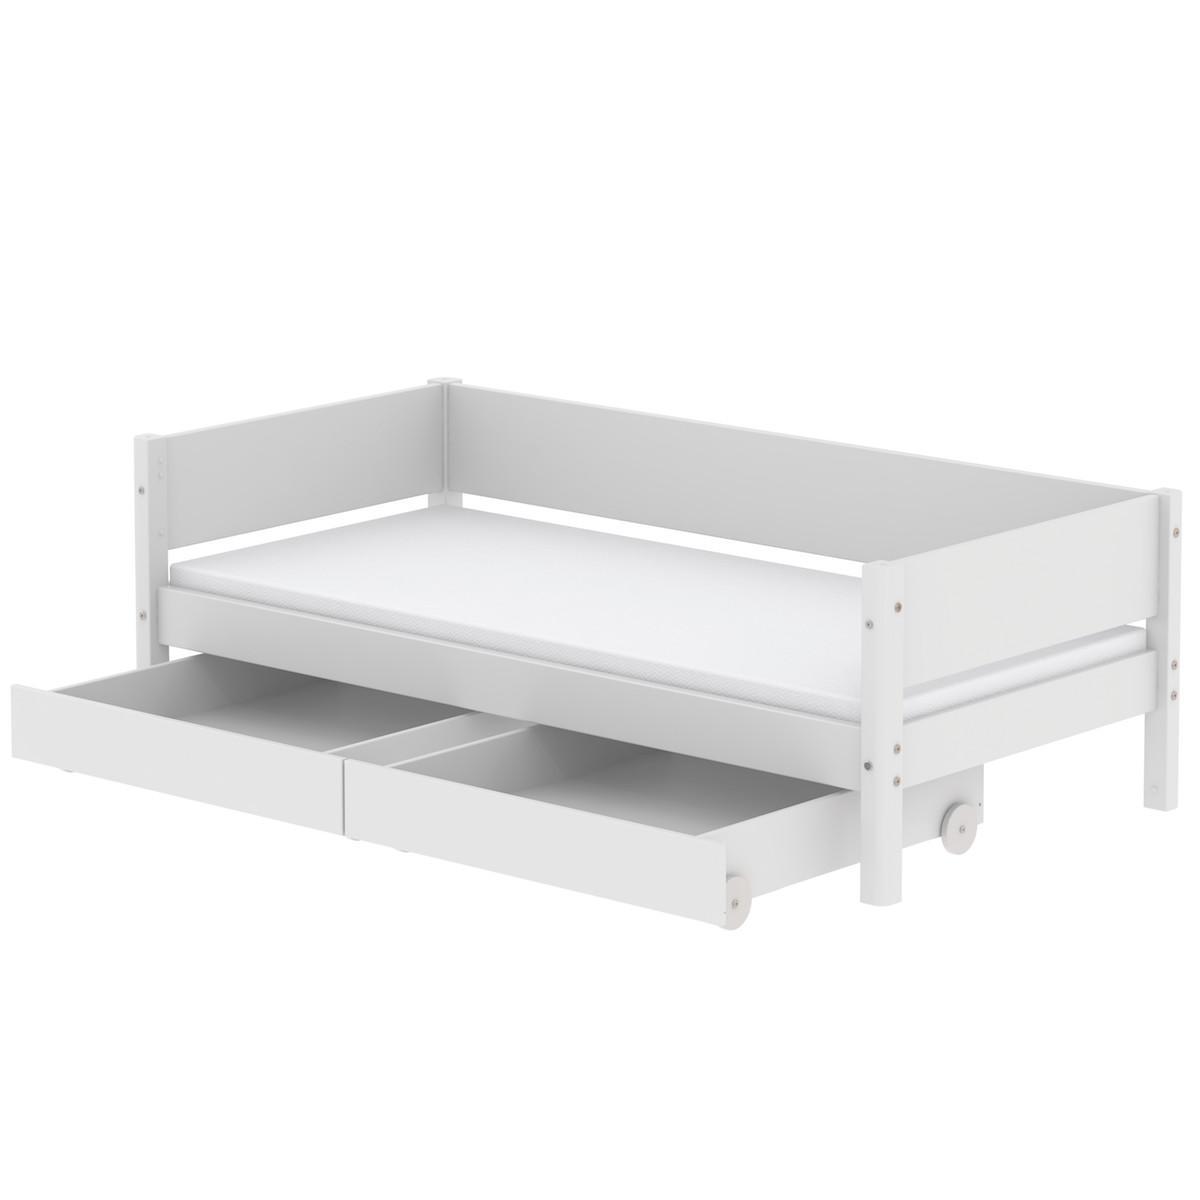 Set de 2 cajones White blanco 190cm